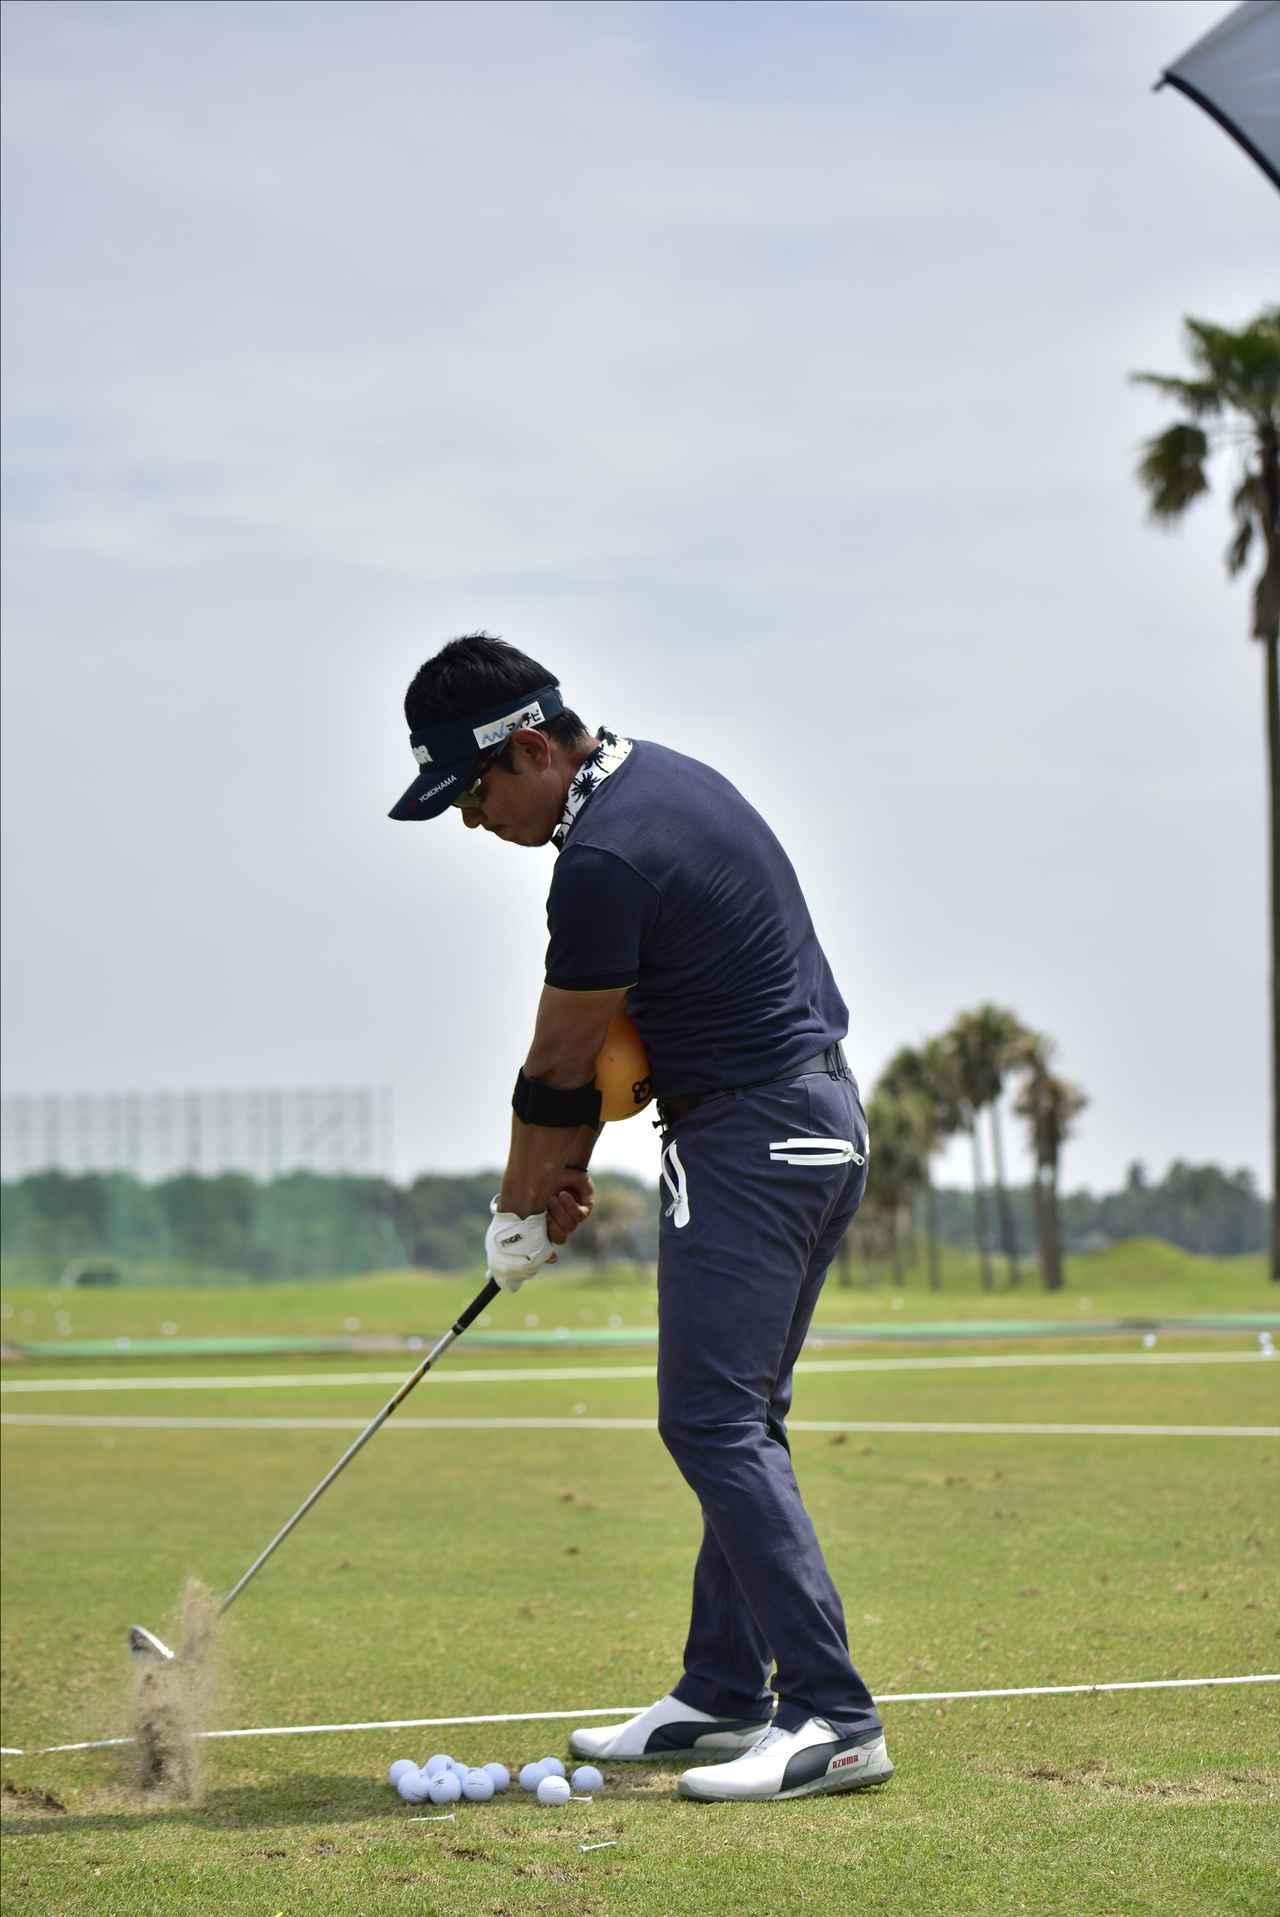 画像3: 【動画】プロゴルファーは 左打ちでも70台!?